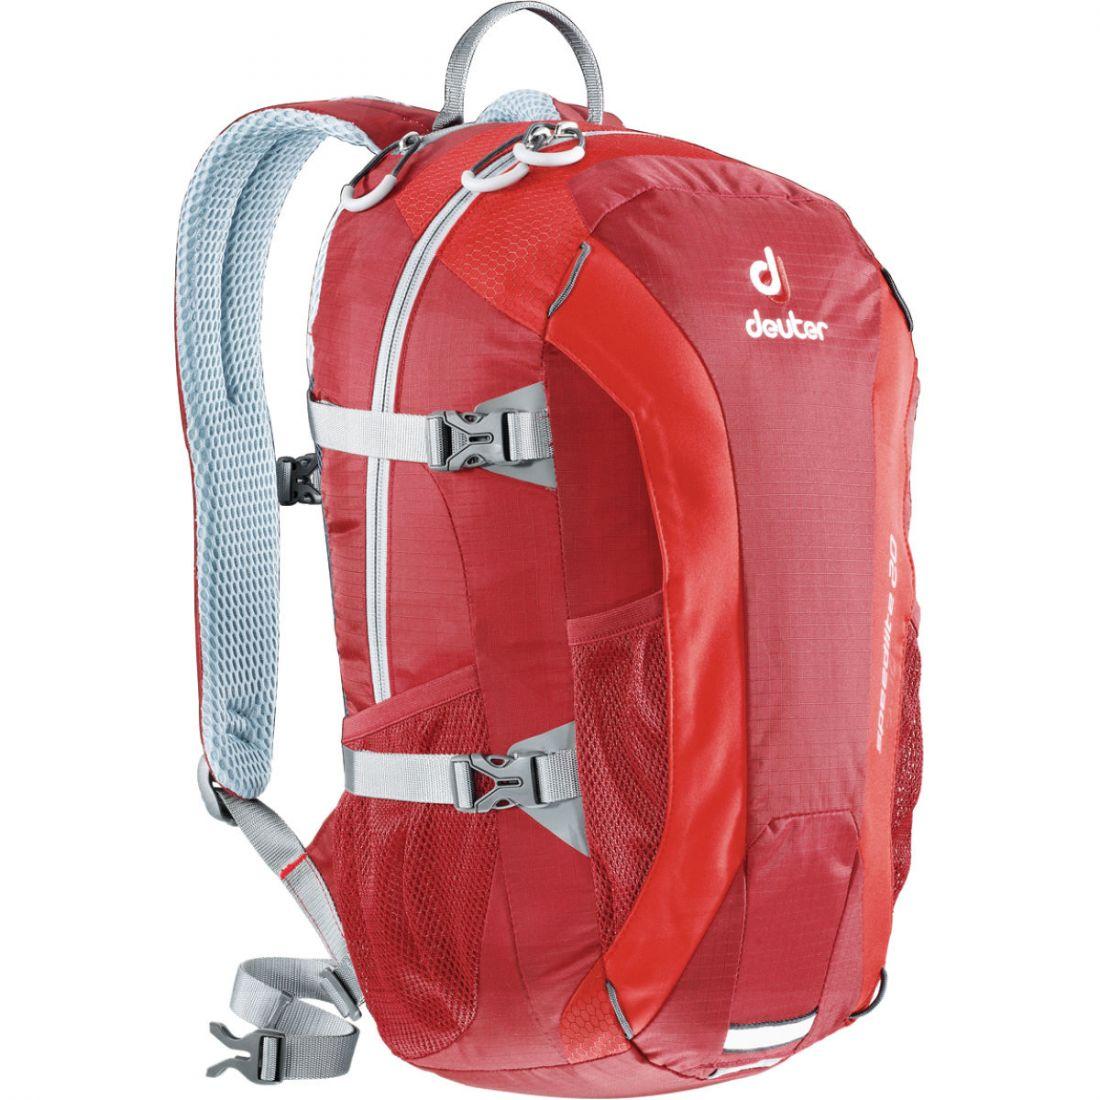 Deuter Speed Lite 20L cranberry-fire универсальный велосипедный рюкзак